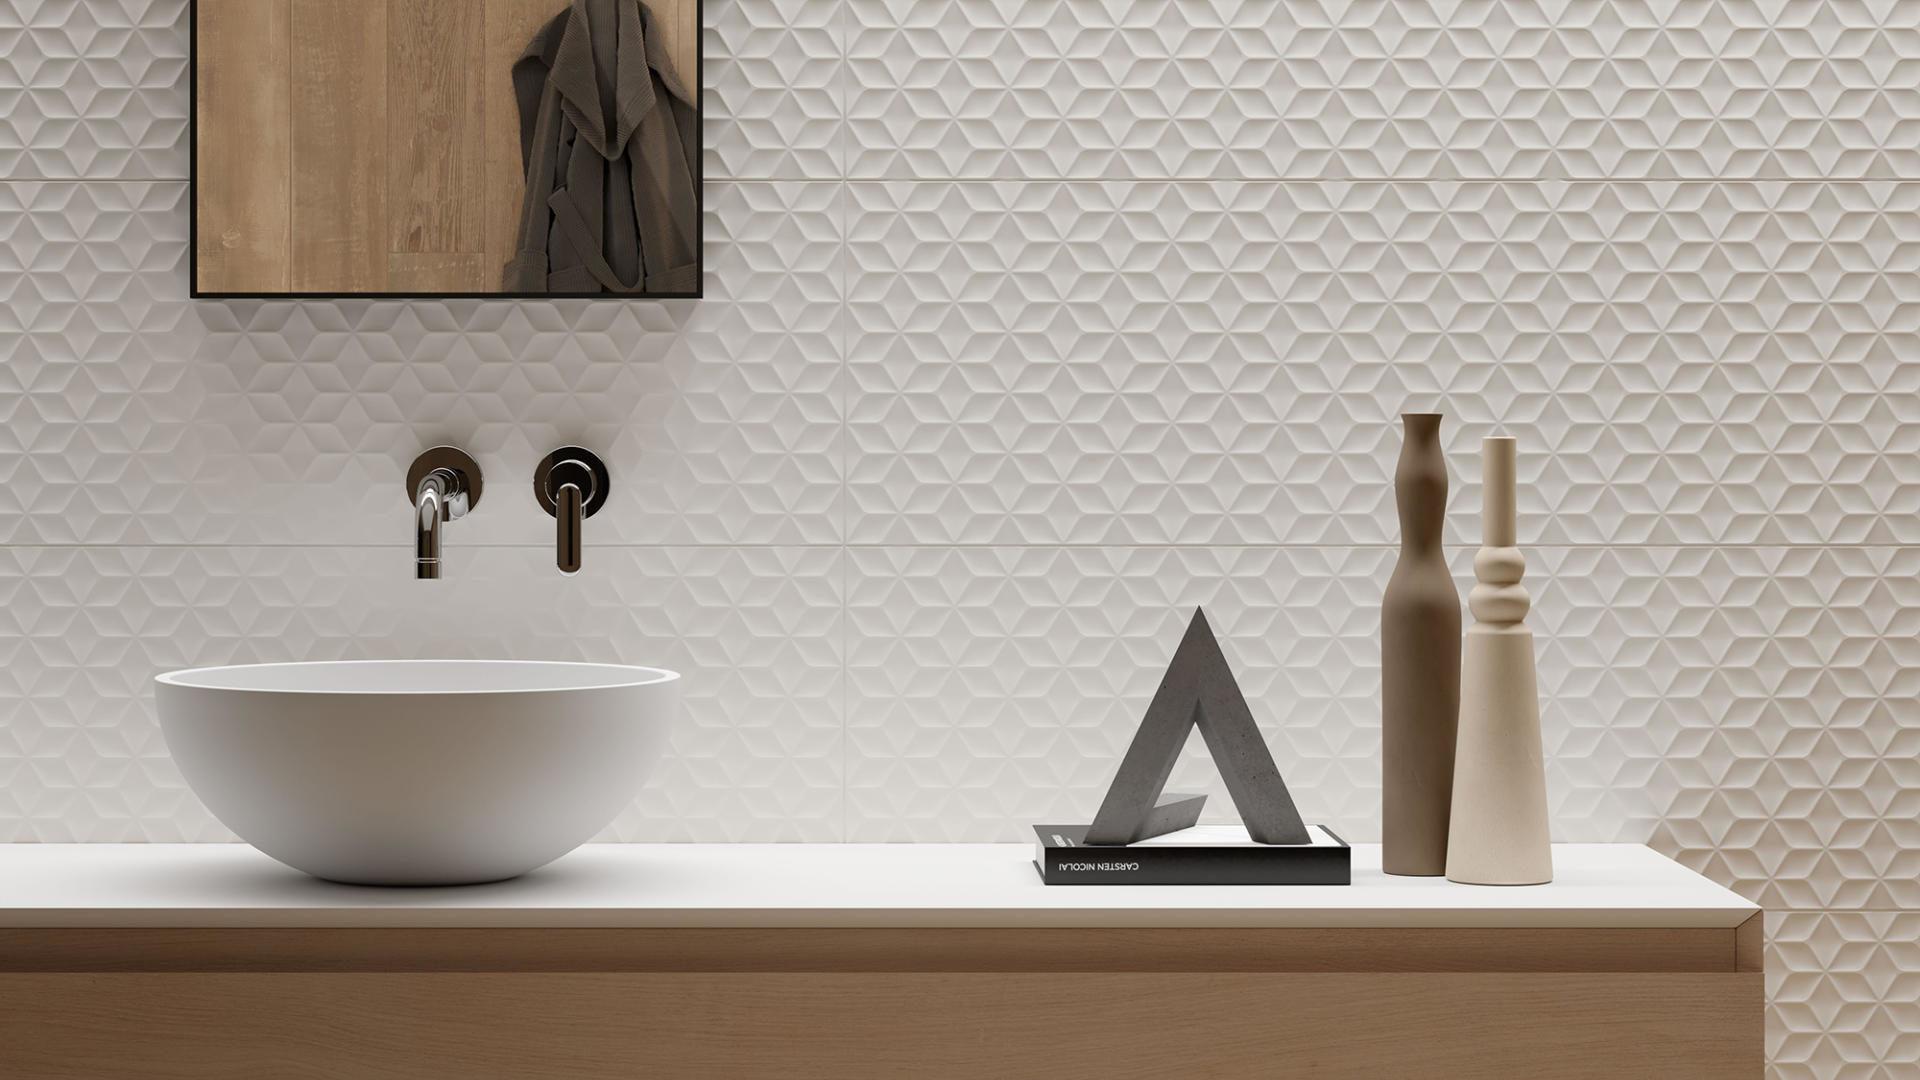 Forme Bianche, progetto ceramico tridimensionale